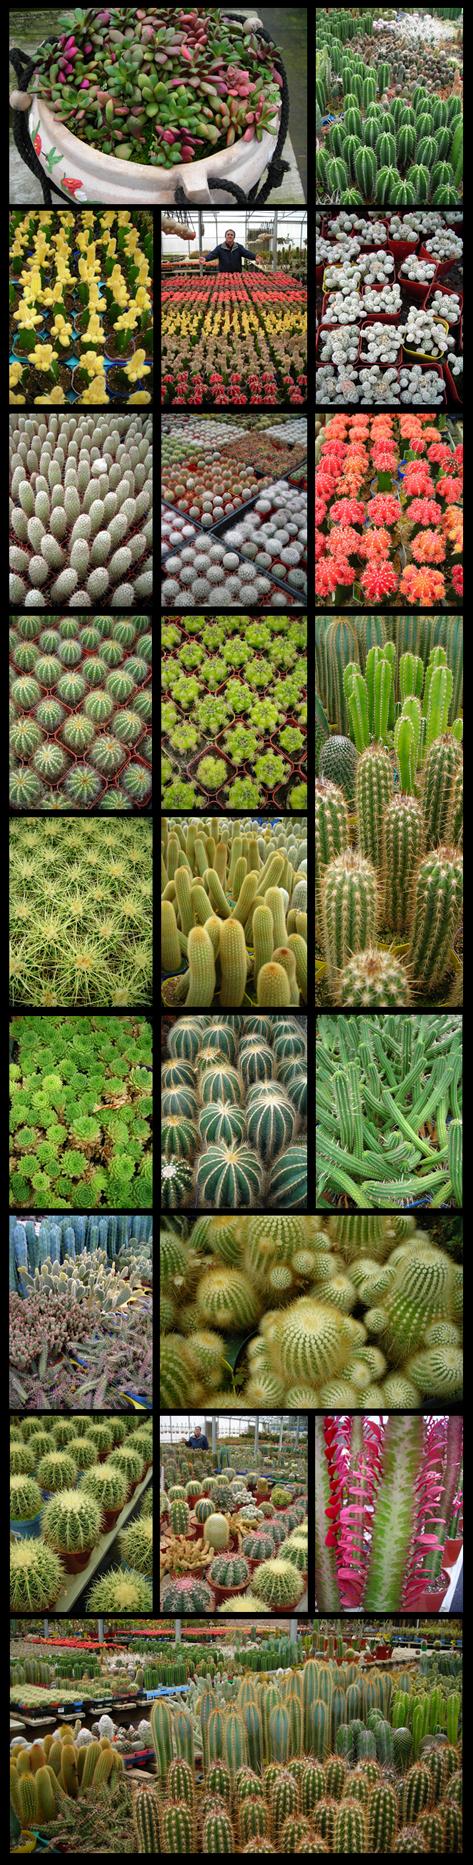 kactuskorral.jpg